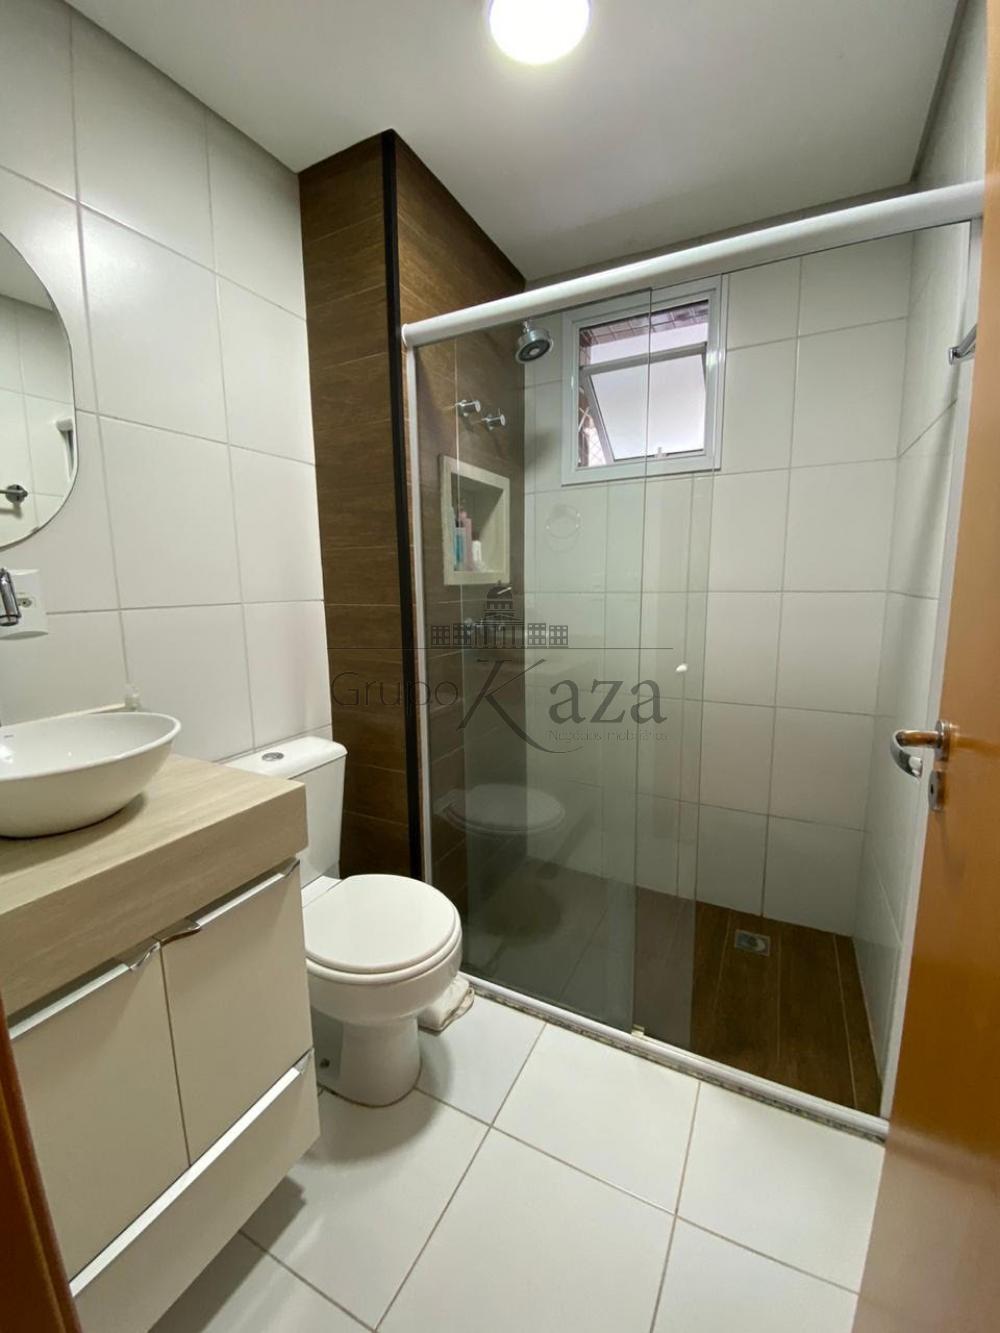 Comprar Apartamento / Padrão em São José dos Campos apenas R$ 690.000,00 - Foto 17